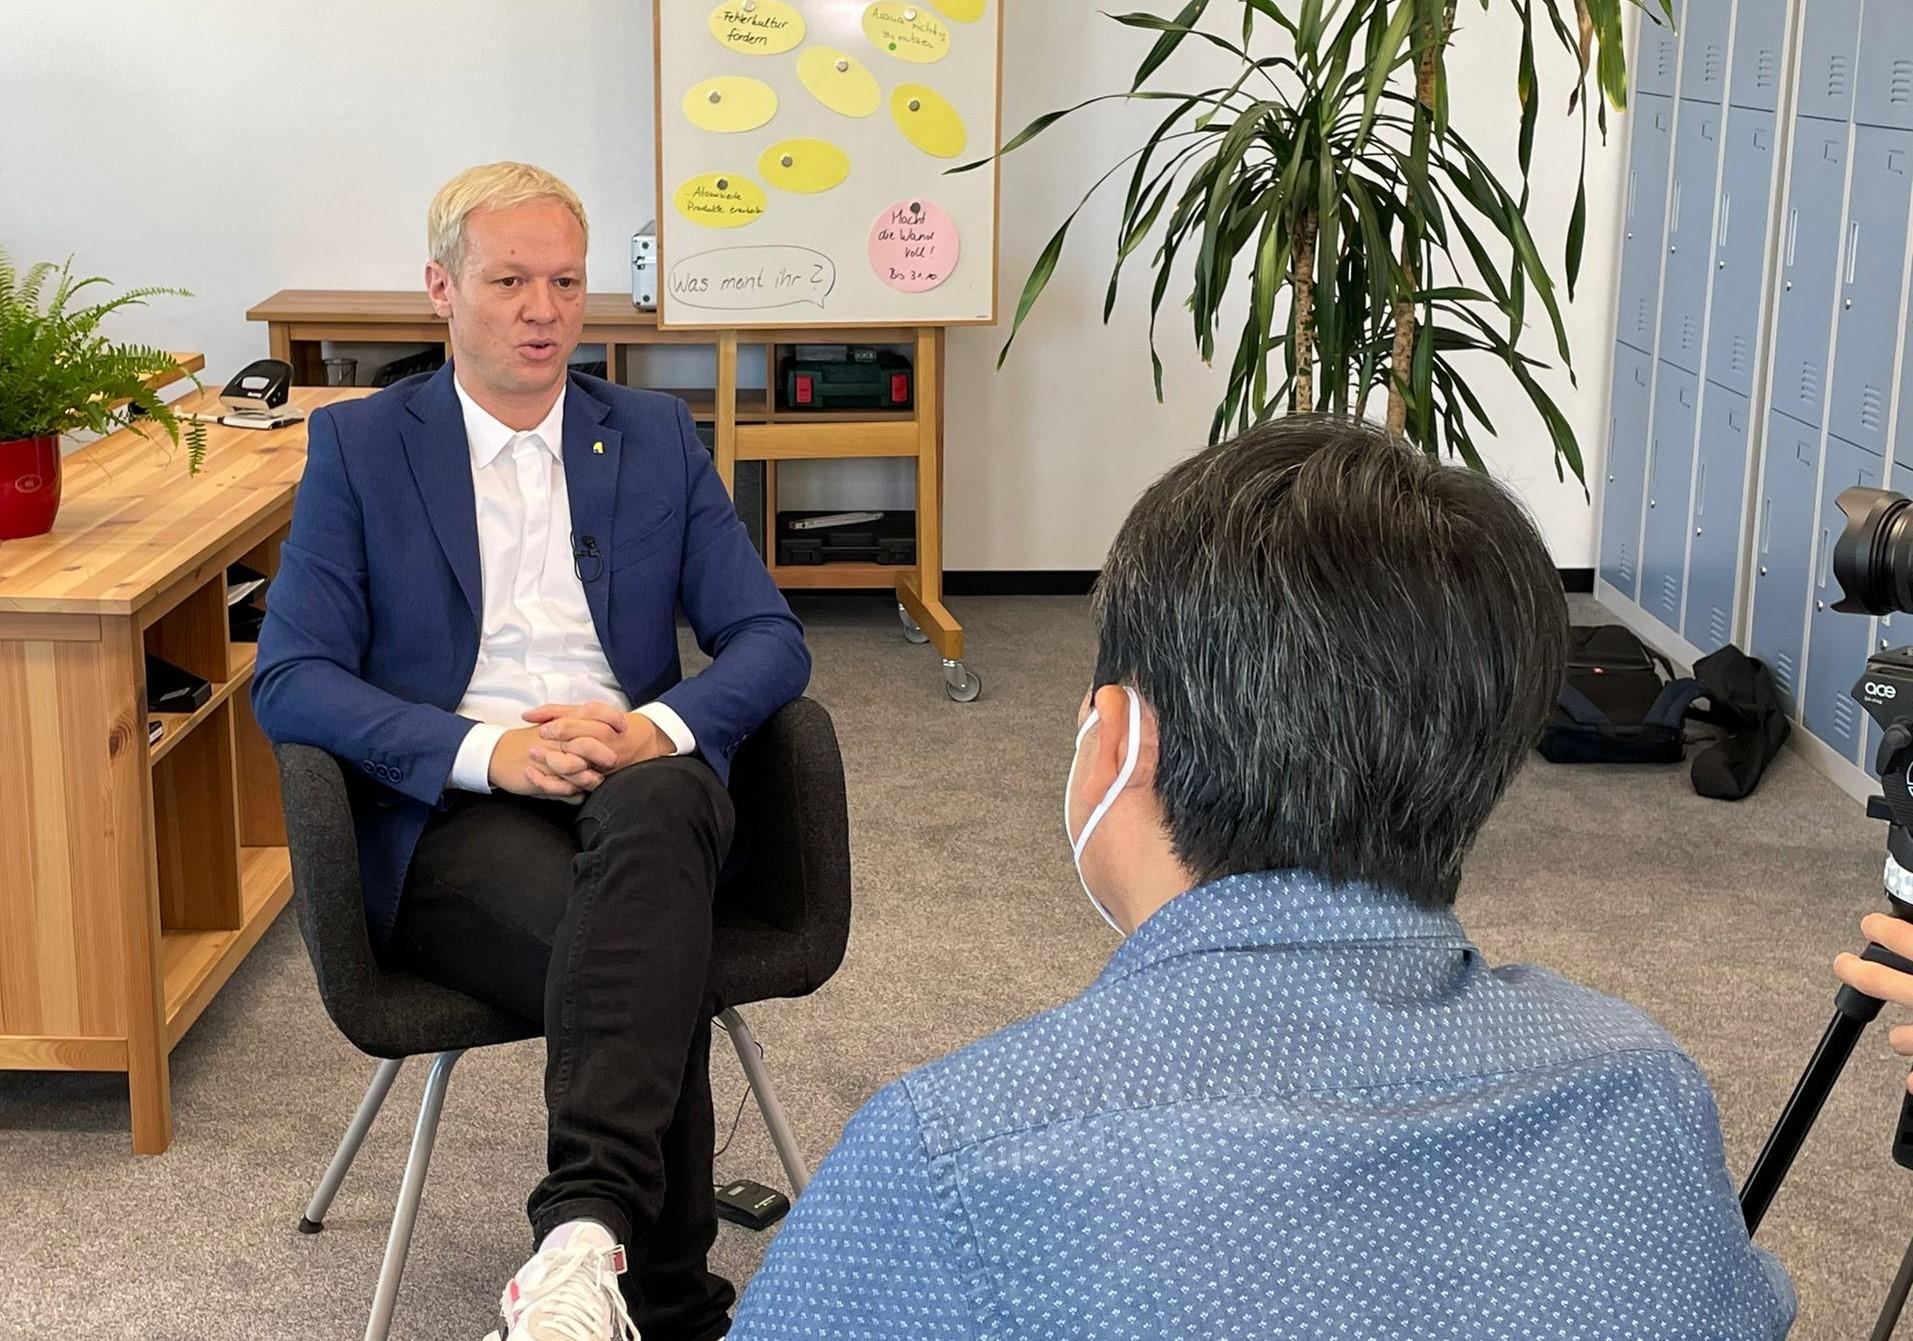 Michael Krieger im Gespräch mit einem koreanischen Fernsehsender